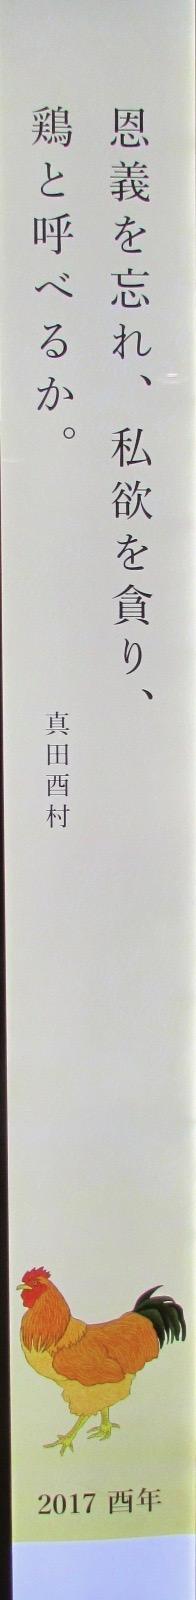 f:id:hiro-jp:20170103181649j:plain